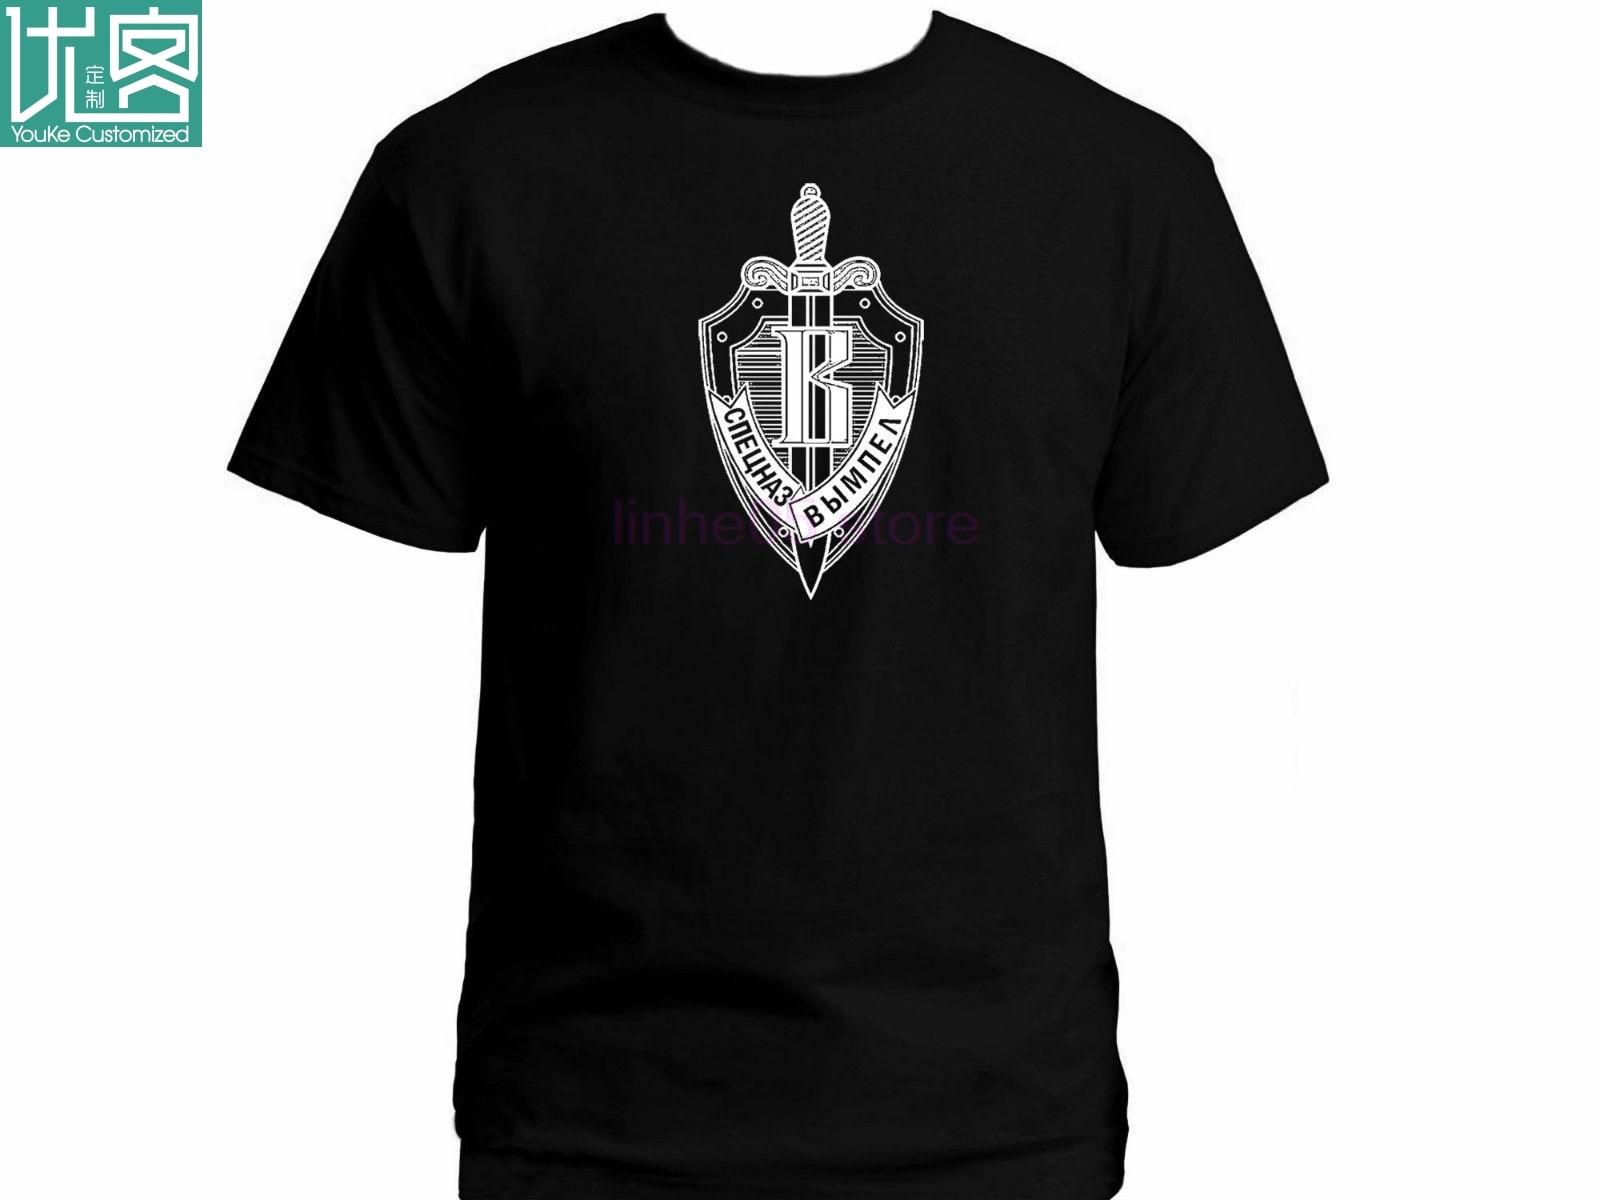 Nueva camiseta negra rusa Kgb Unión Soviética Spetsnaz Vympel Vimpel